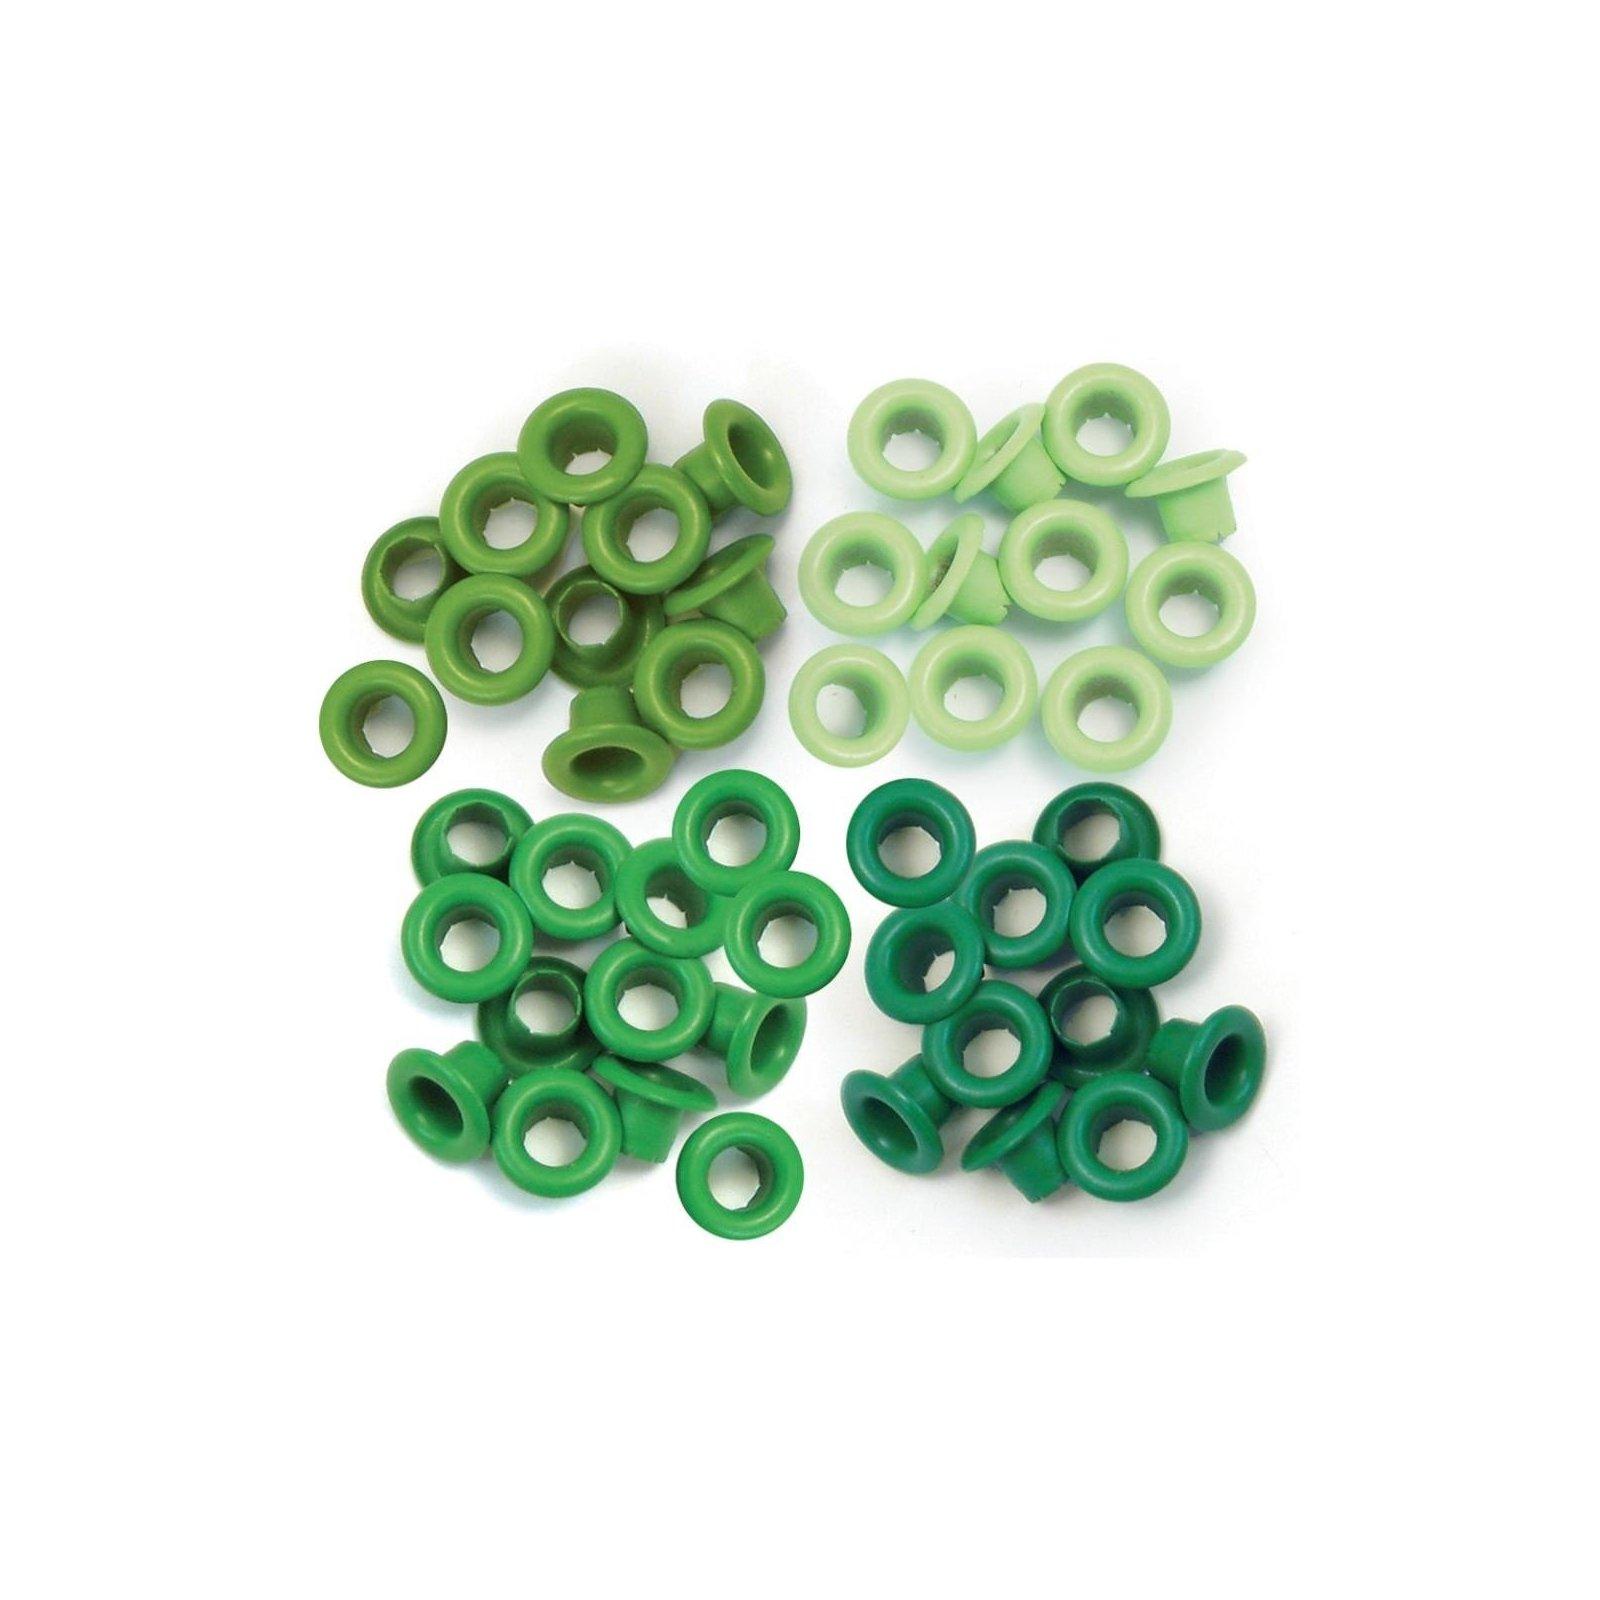 Petits oeillets - Vert - We R memory keepers